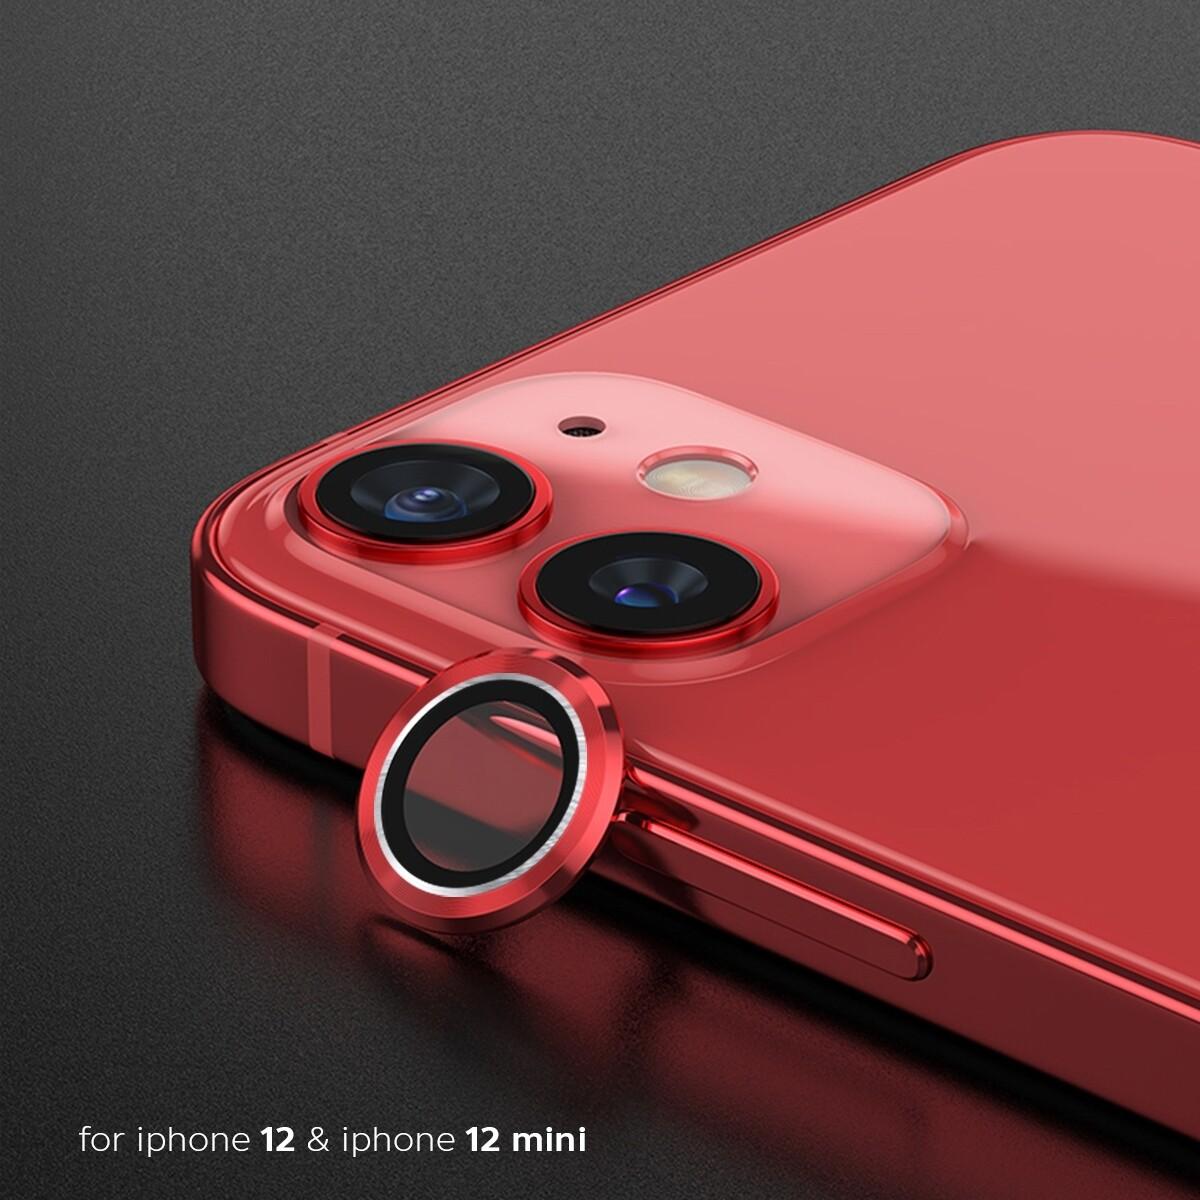 เลนส์กล้อง iphone 11 ฟิล์มกล้อง iphone 11 ฟิล์มเลนส์กล้อง iphone SE Single Camera Film iphone 11 / 11Pro /11 Promax / se2020 ฟิล์มวงแหวน ฟิล์มครอบเลนส์ ฟิล์มกันรอยกล้อง / D-Phone